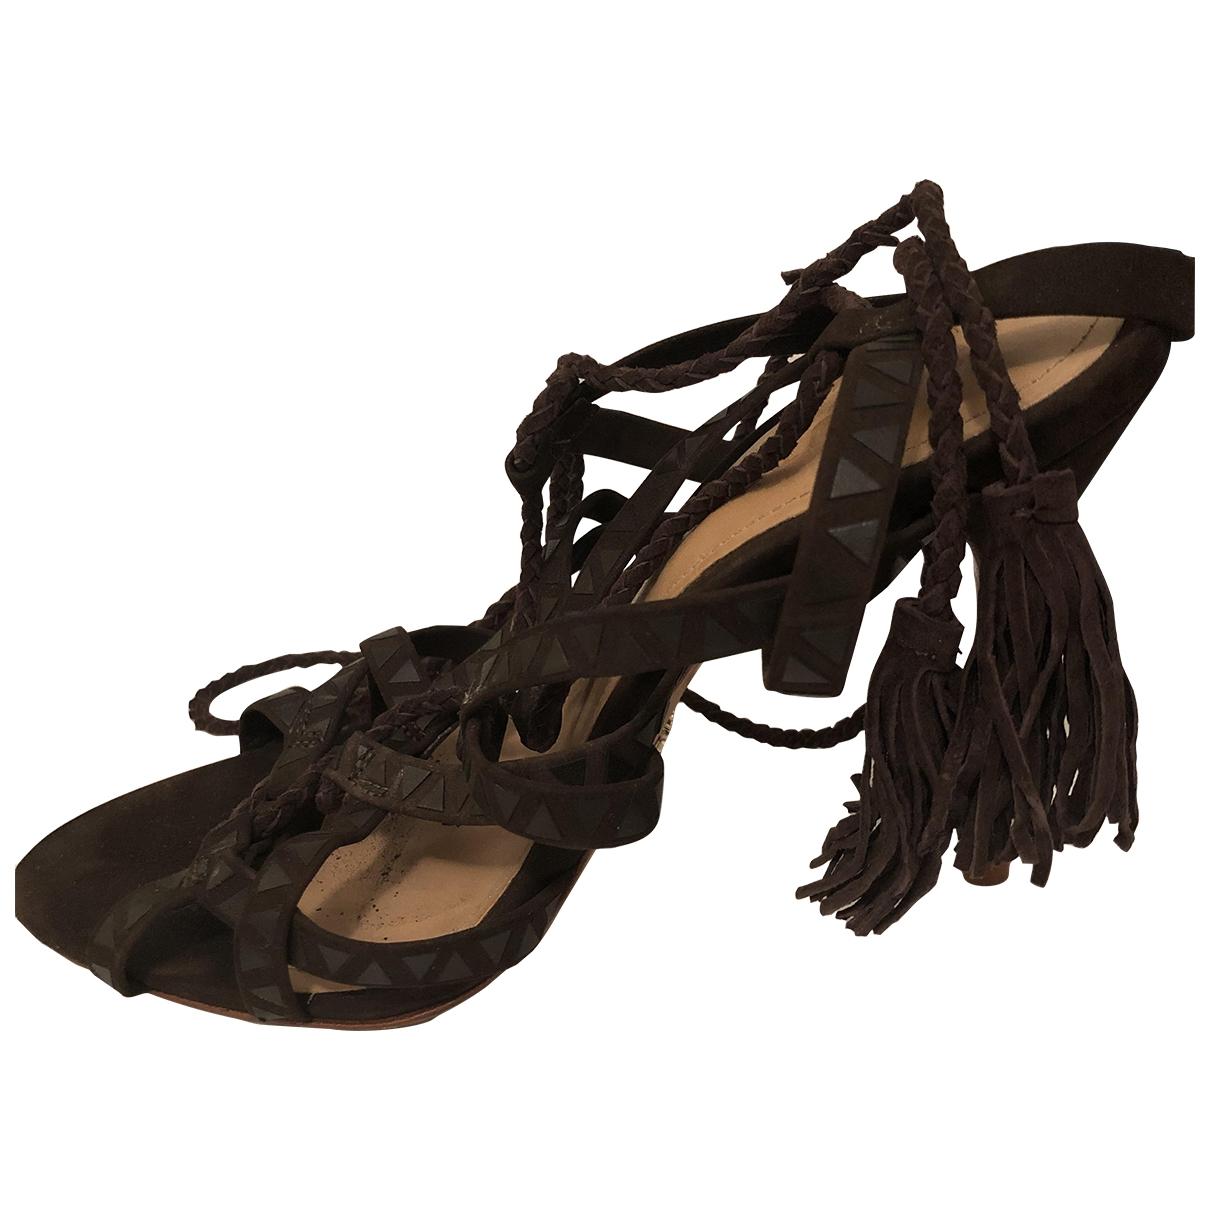 Schutz \N Brown Leather Heels for Women 7.5 US